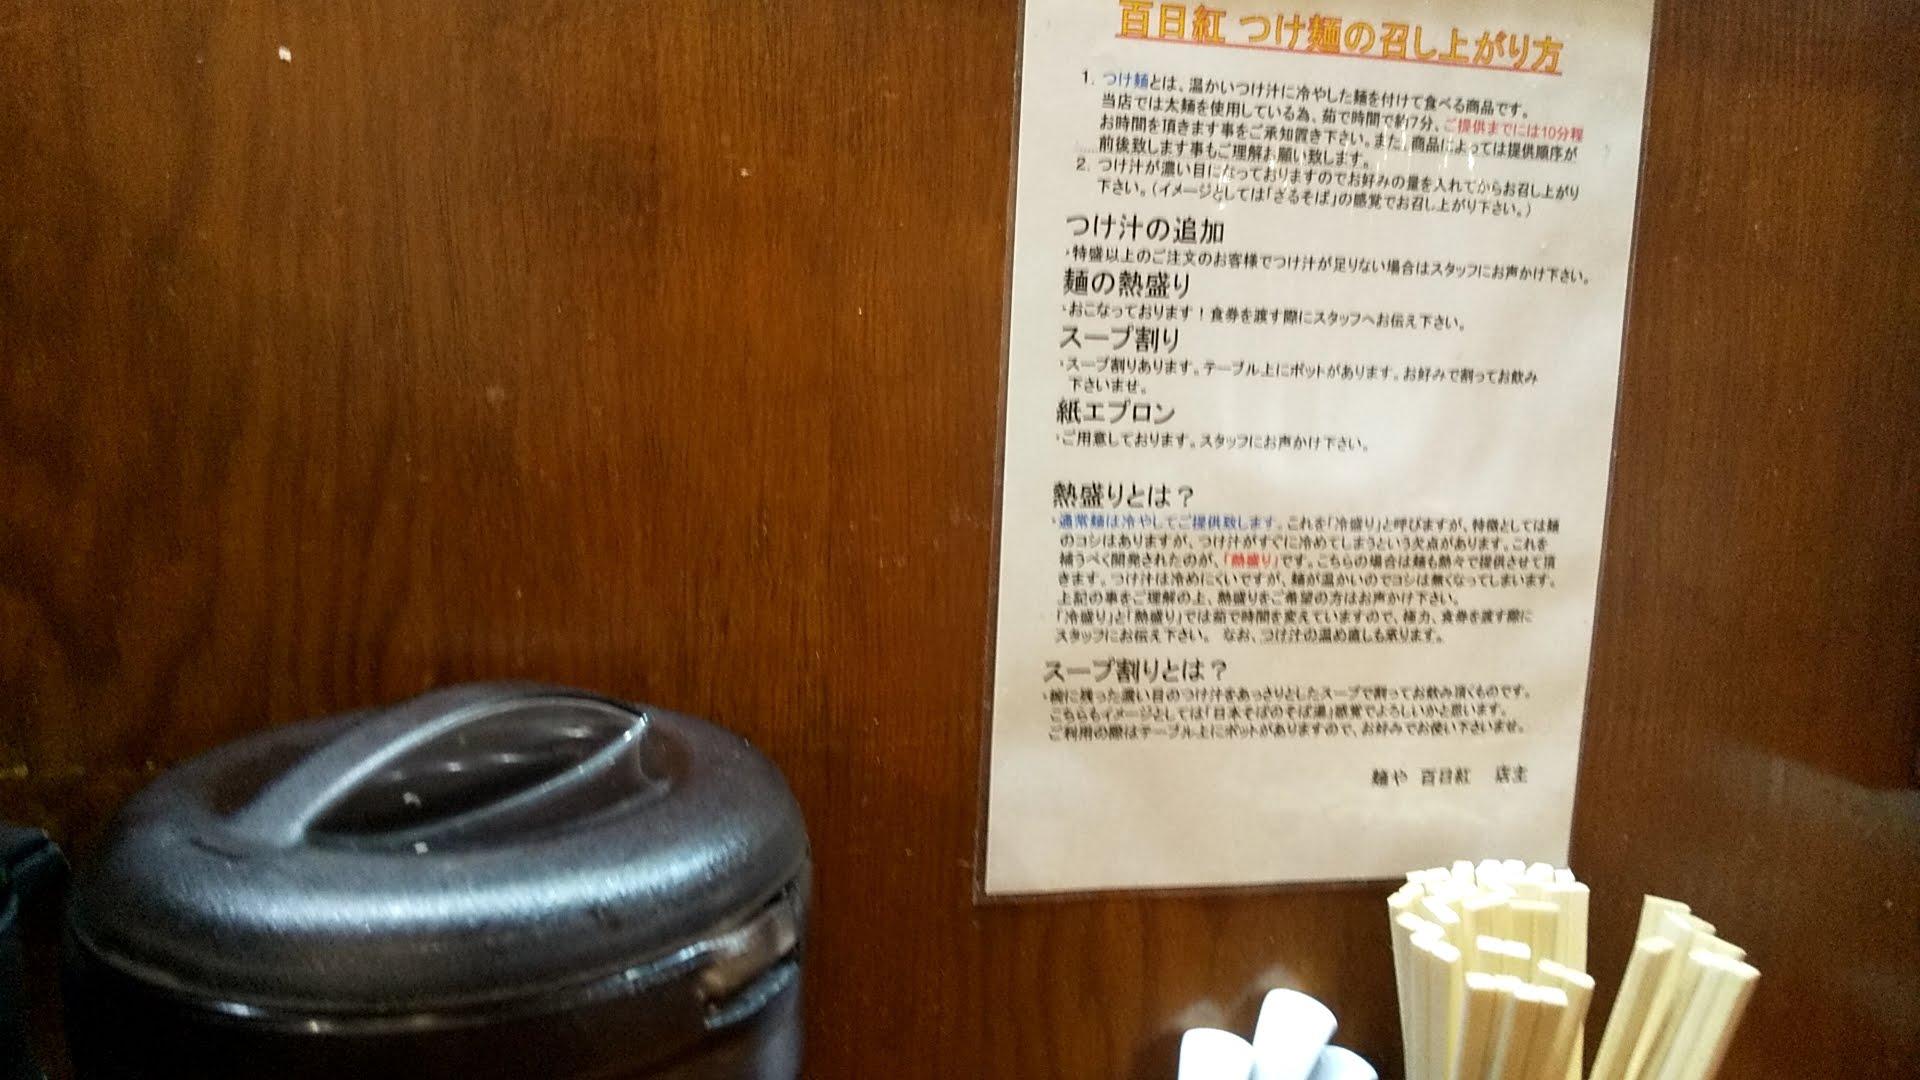 麺や百日紅の注意書き